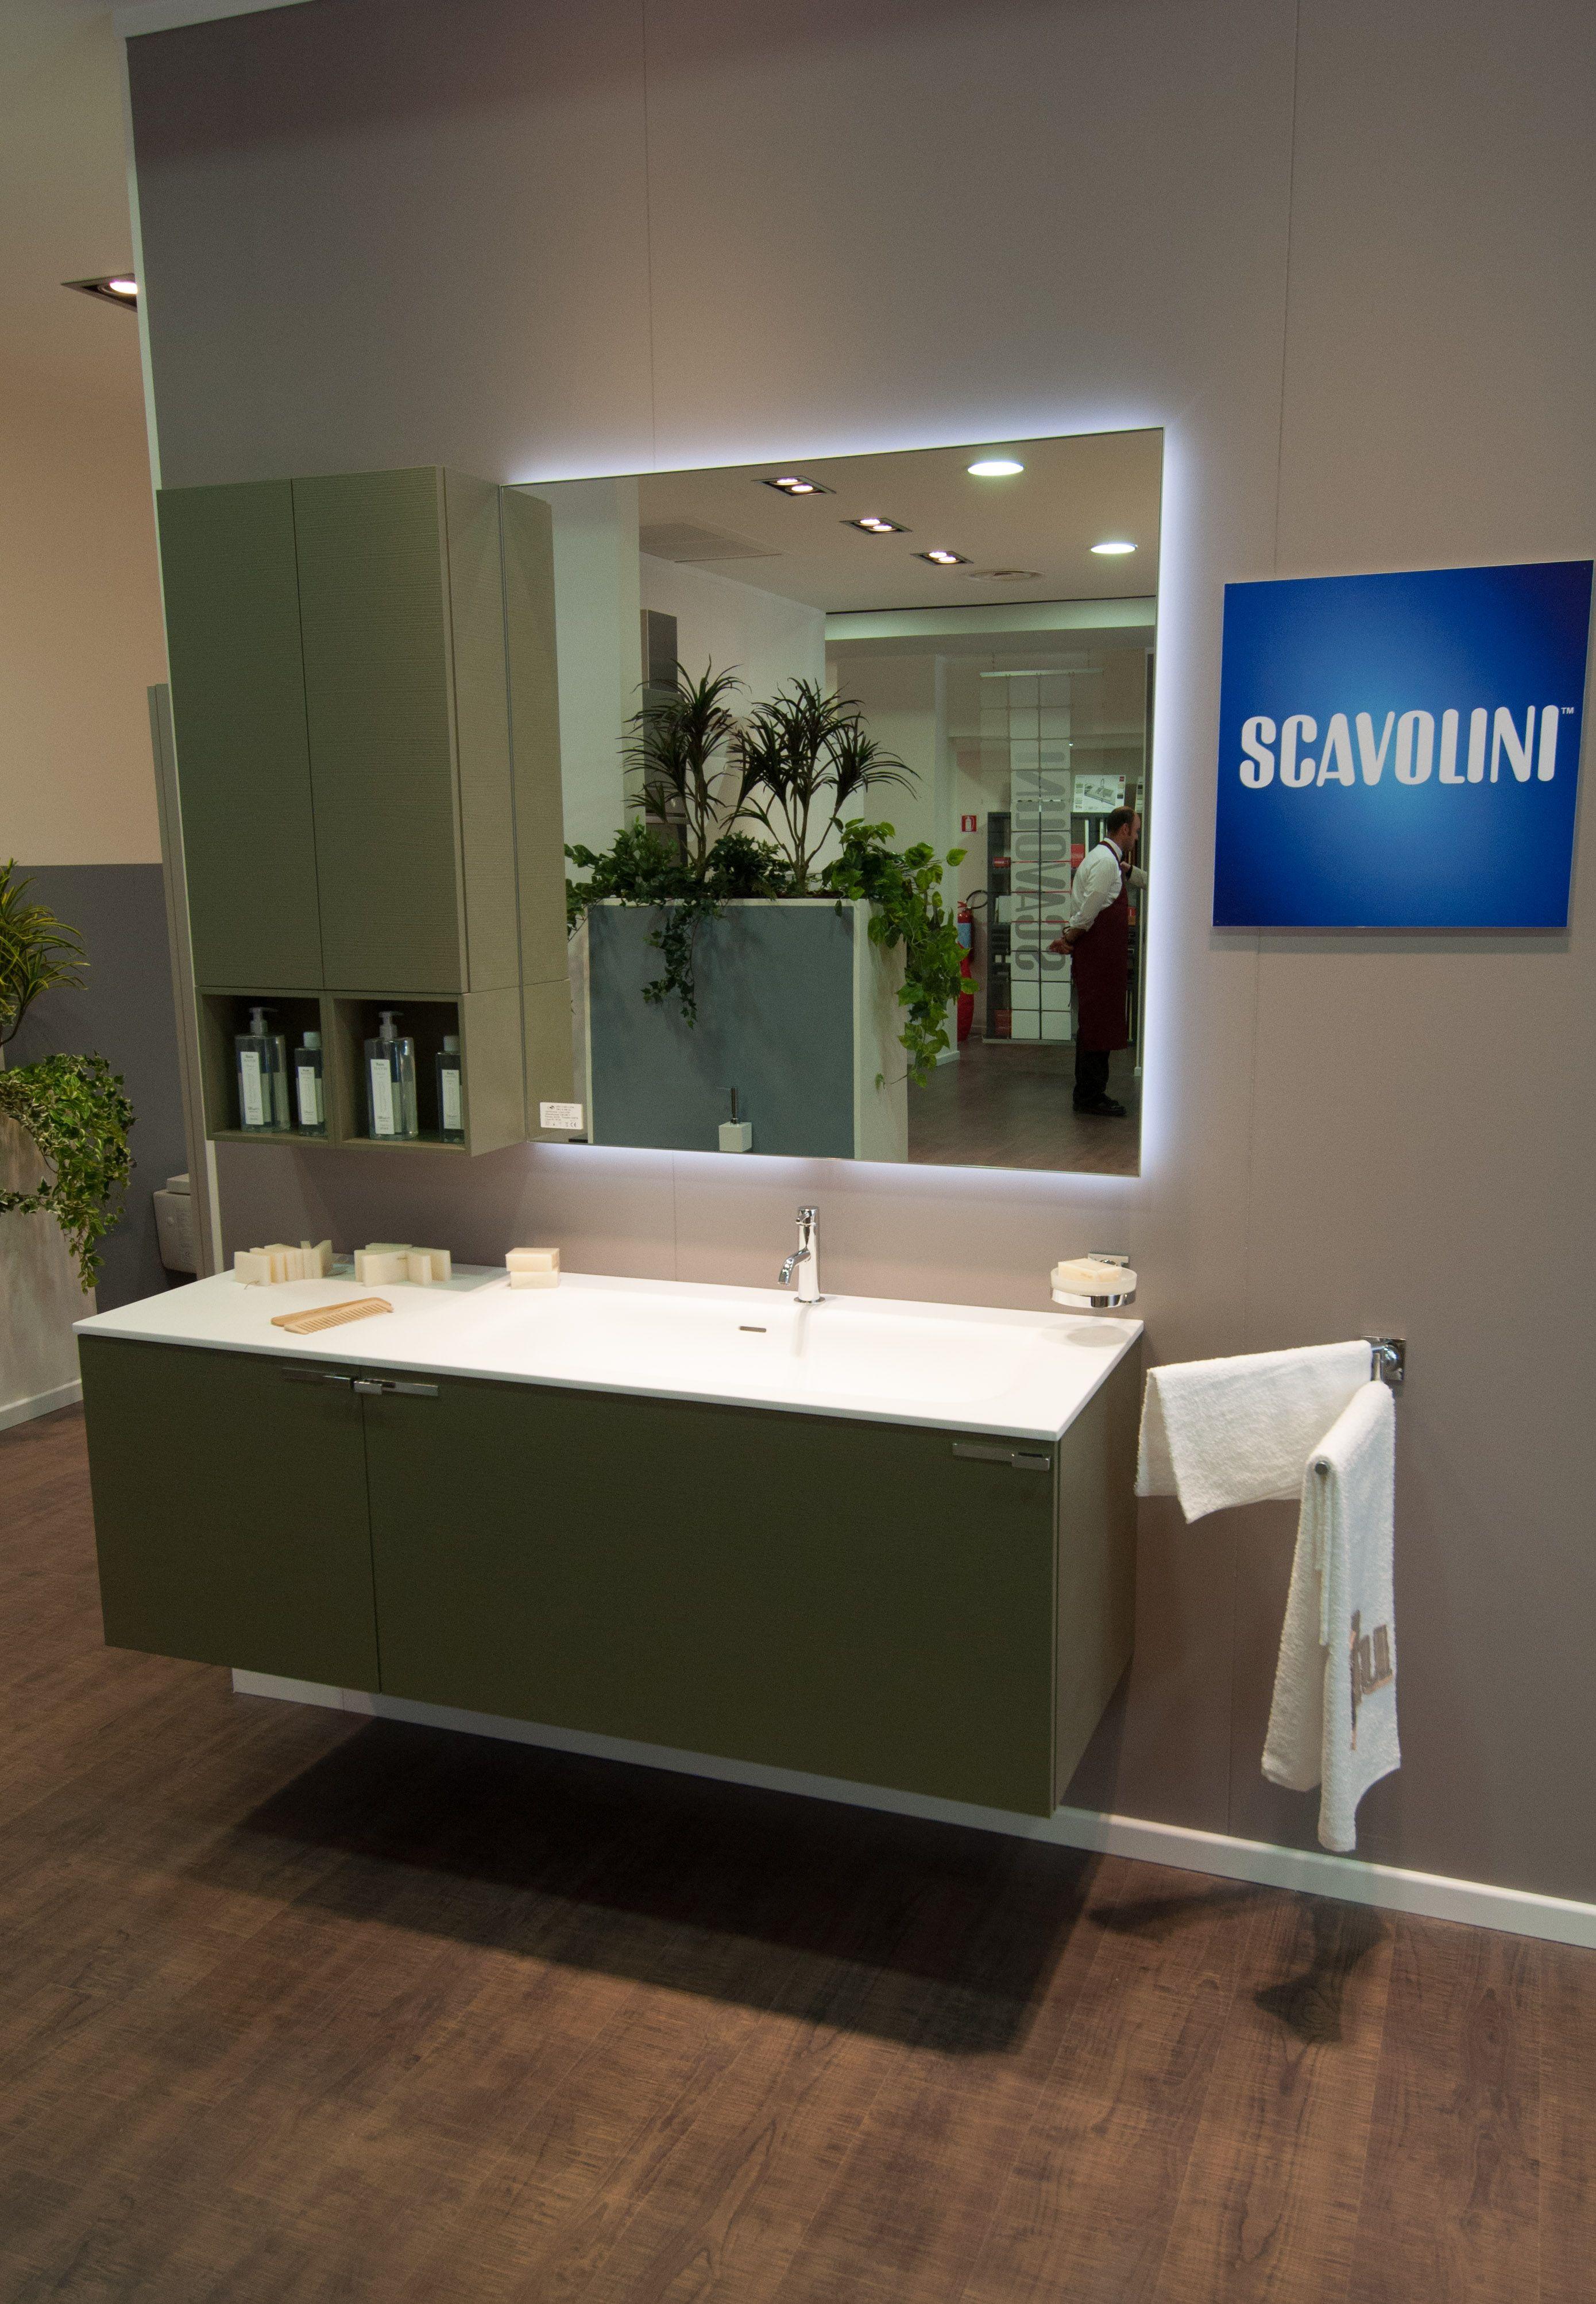 Arredo bagno Scavolini | Decor idee | Bagni scavolini ...